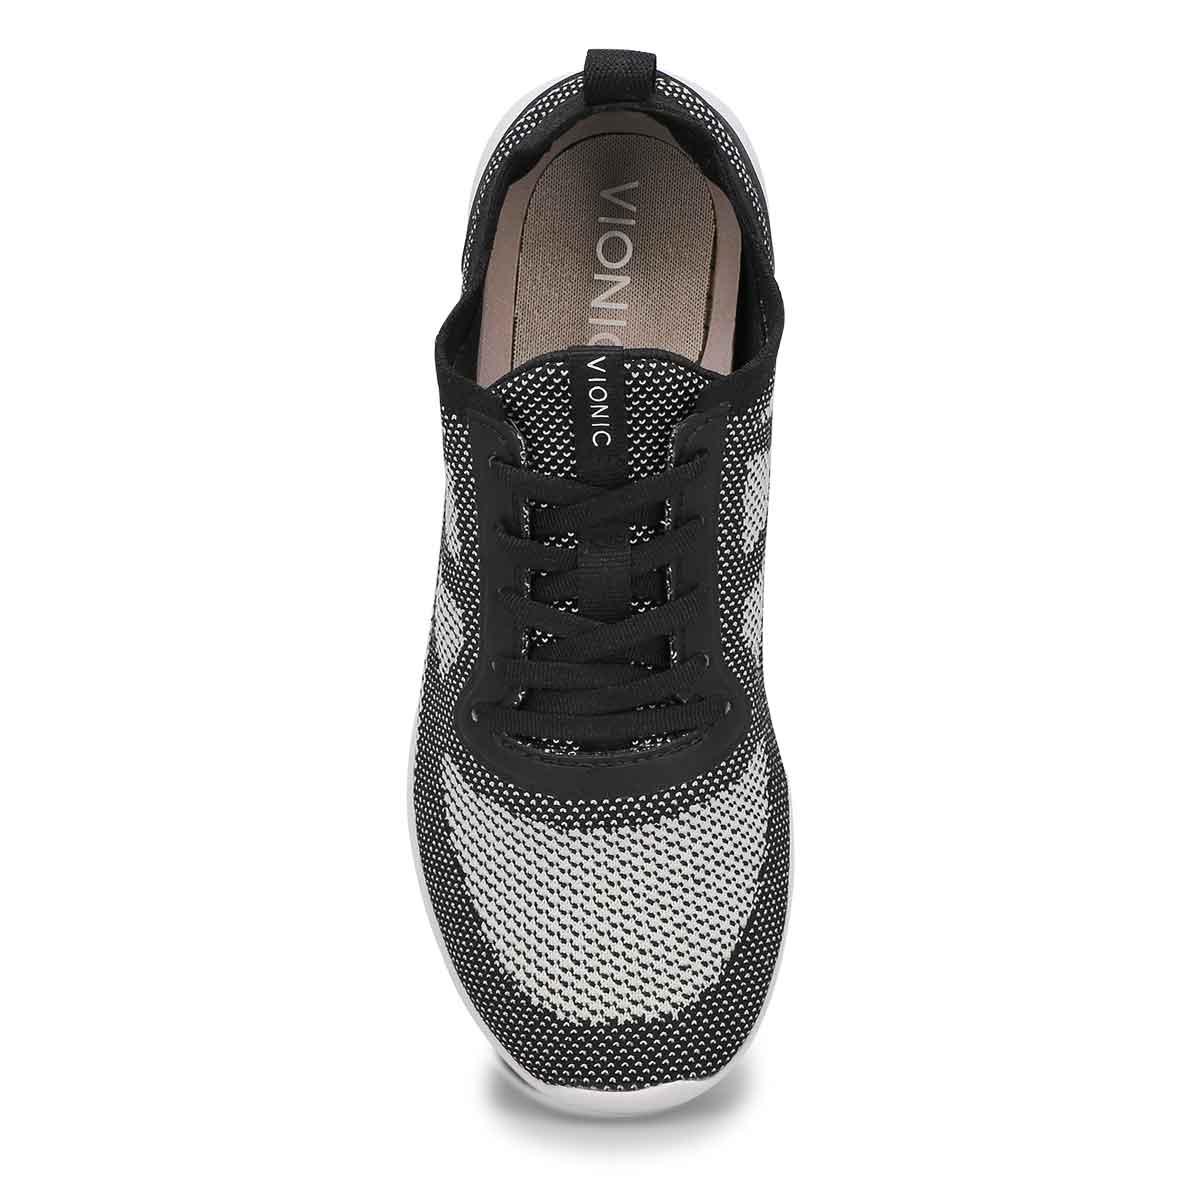 Chaussures de course SKY LENORA, noir, femmes